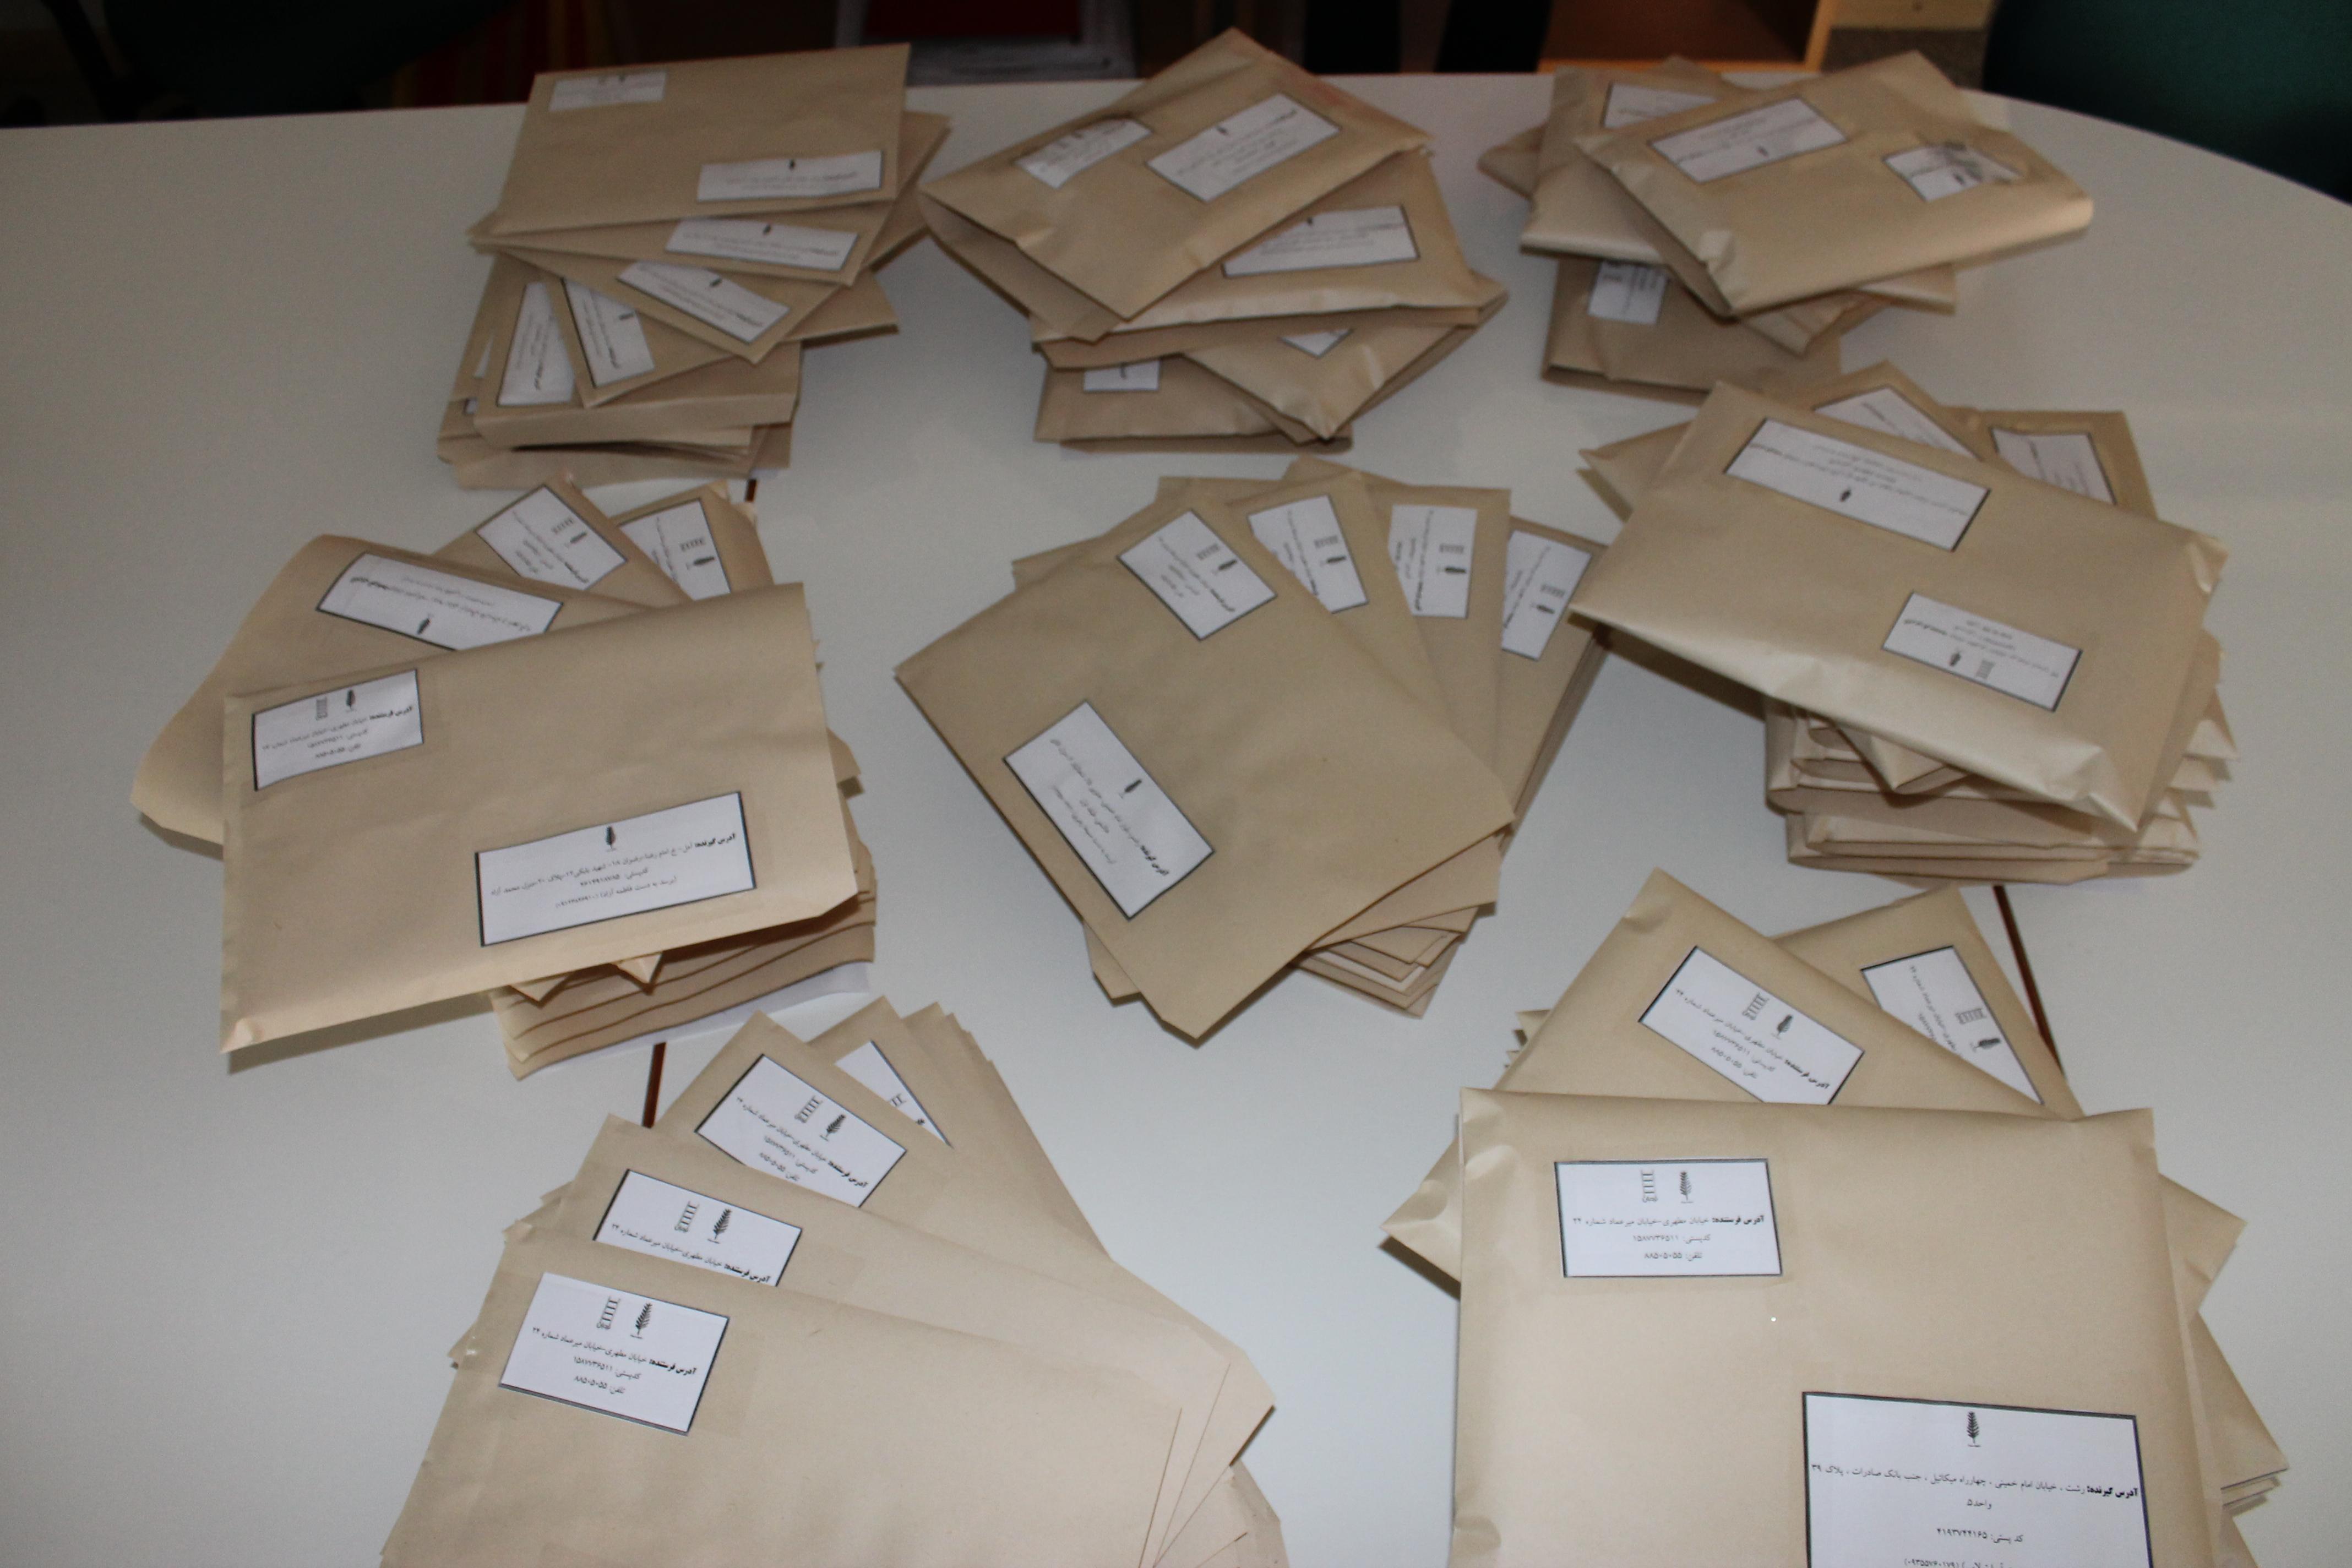 هفتاد و دو  کودک از سراسر کشور، داور کتابهای زیستمحیطی میشوند.